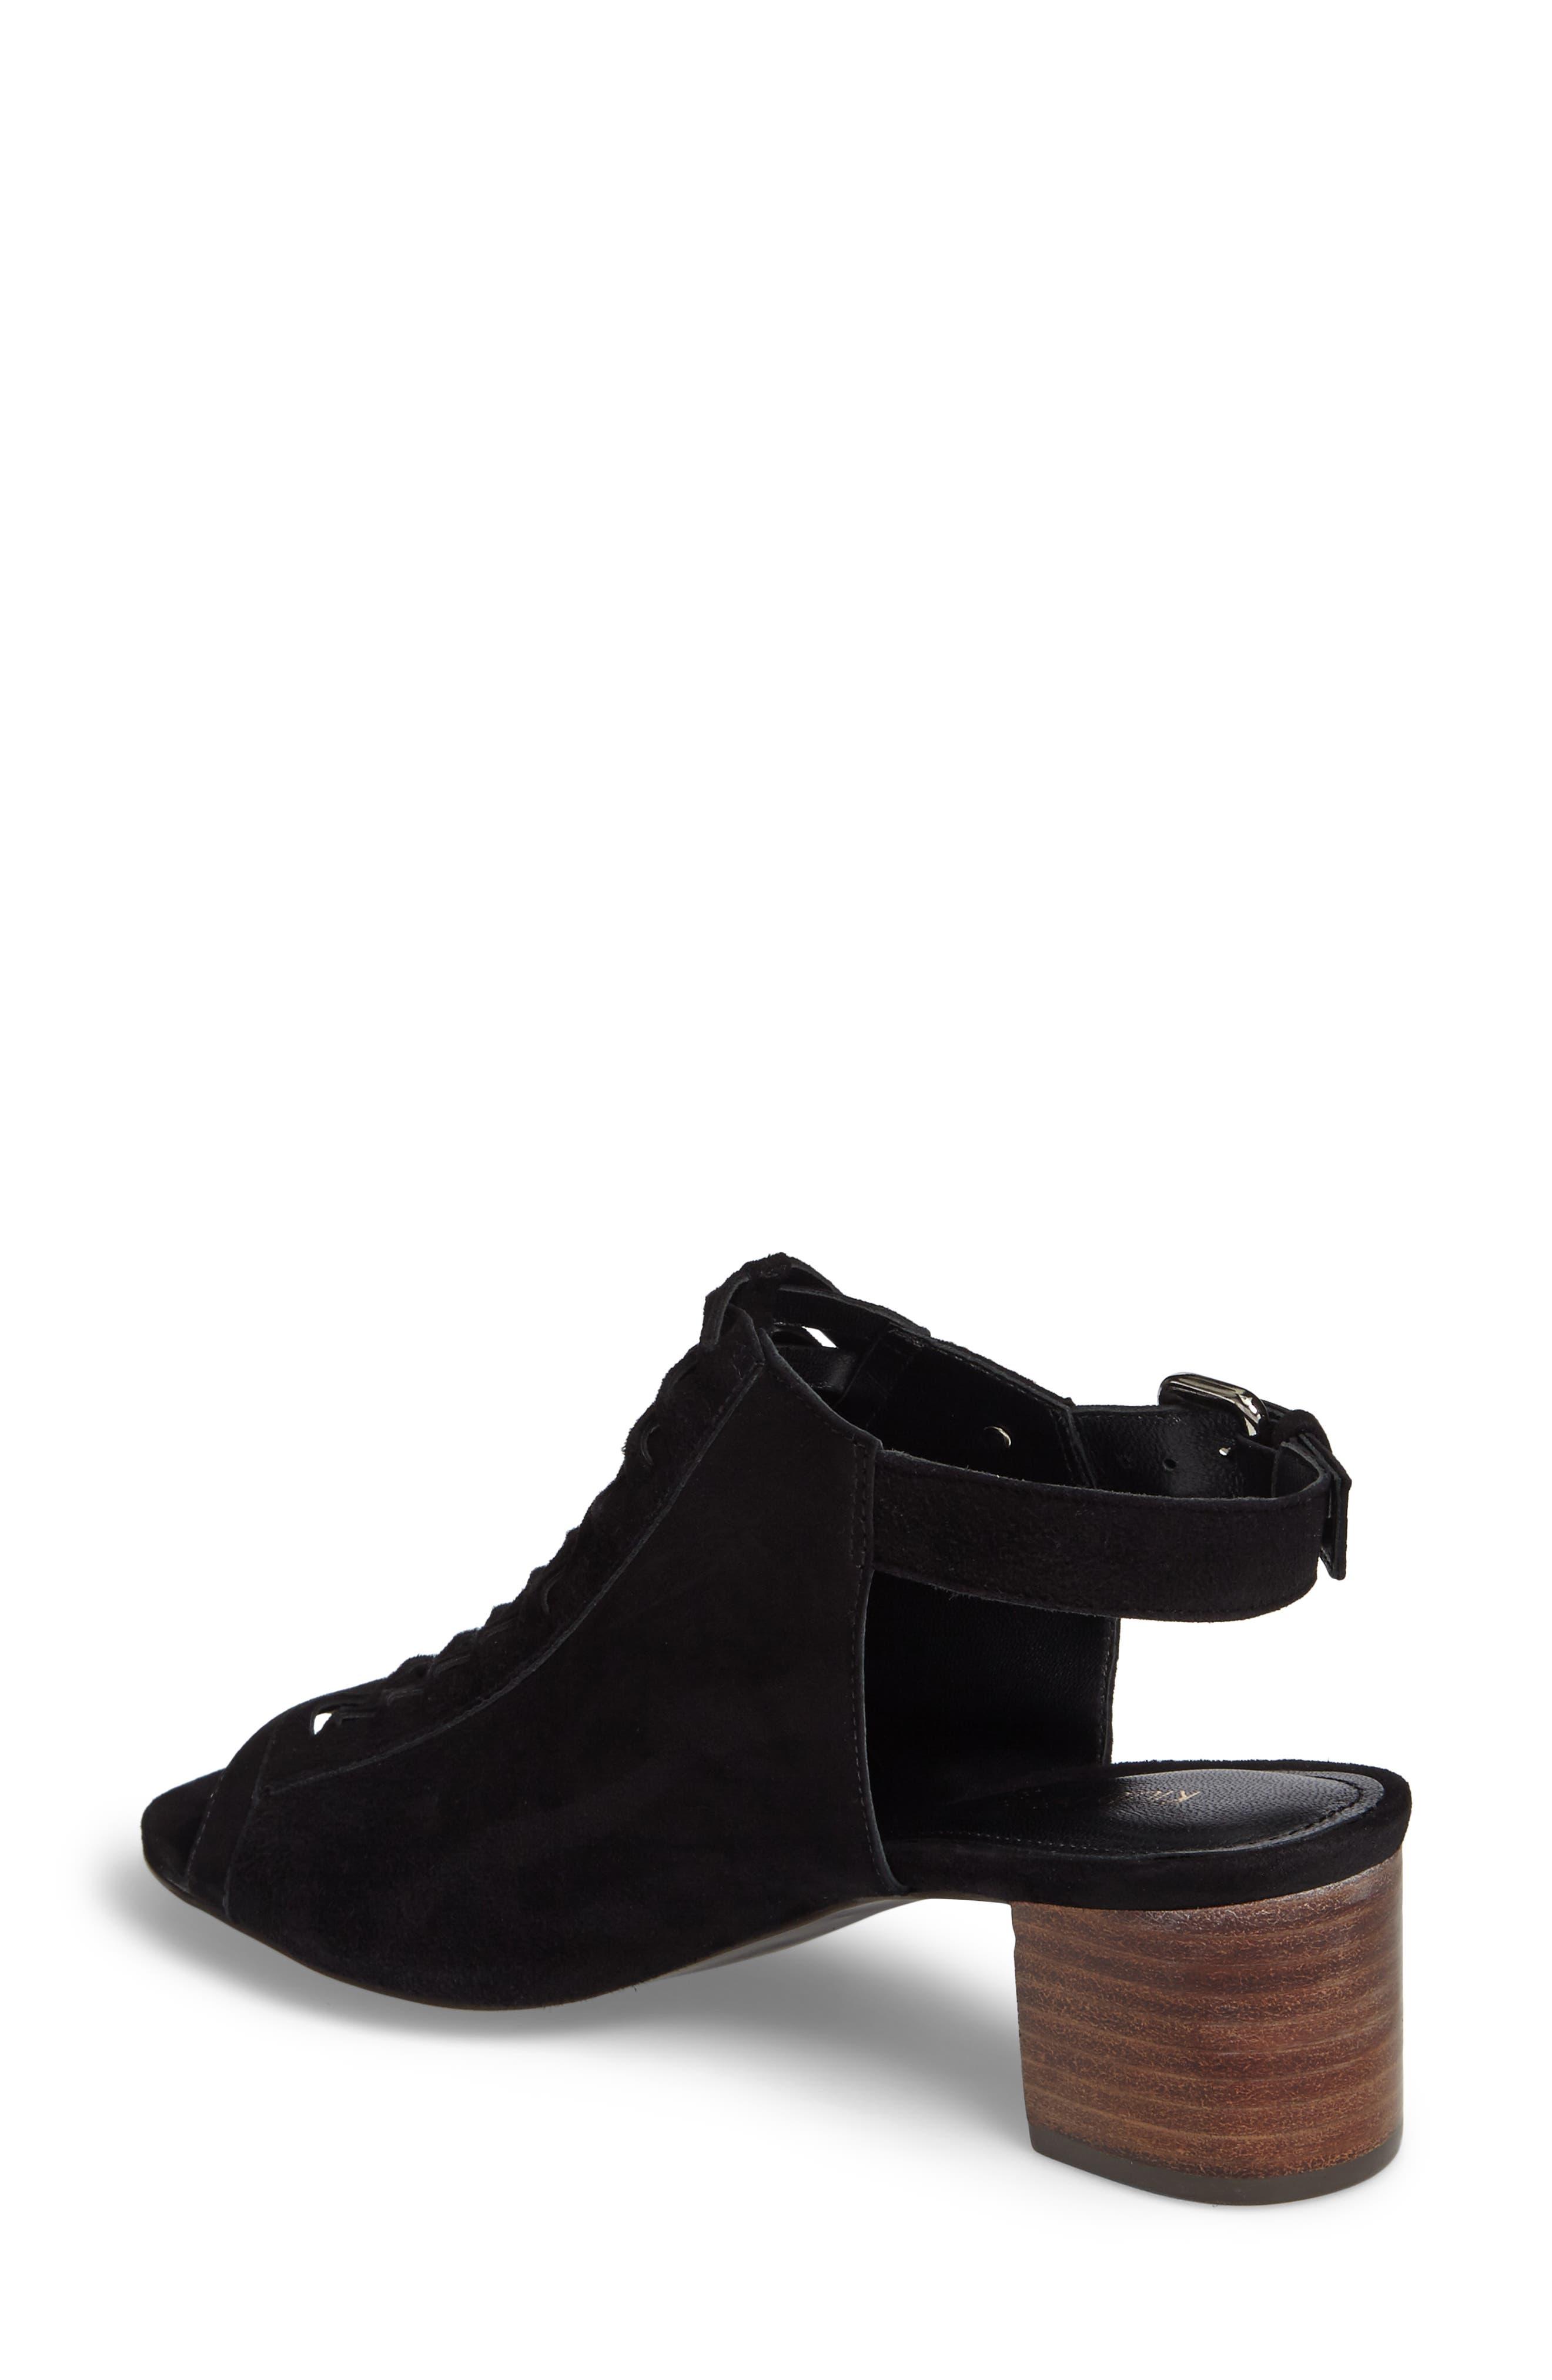 Dallas Woven Sandal,                             Alternate thumbnail 2, color,                             Black Suede